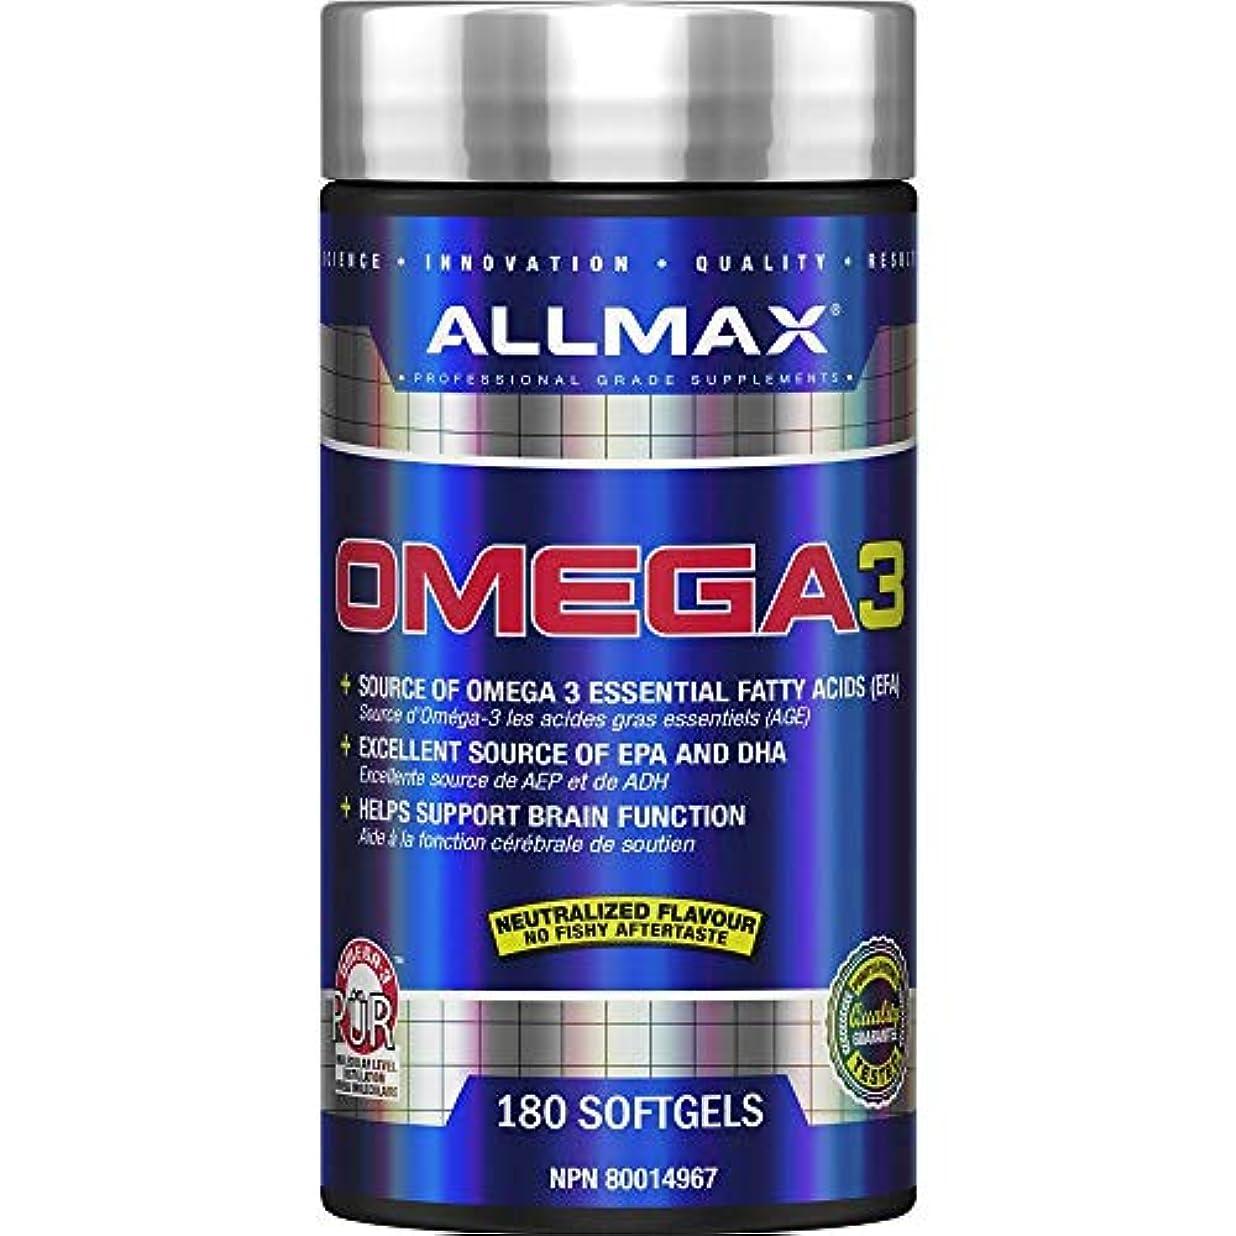 中絶魅力的であることへのアピール心理学AllMax Nutrition - Omega 3 冷水魚オイルの集中 - 1ソフトジェル